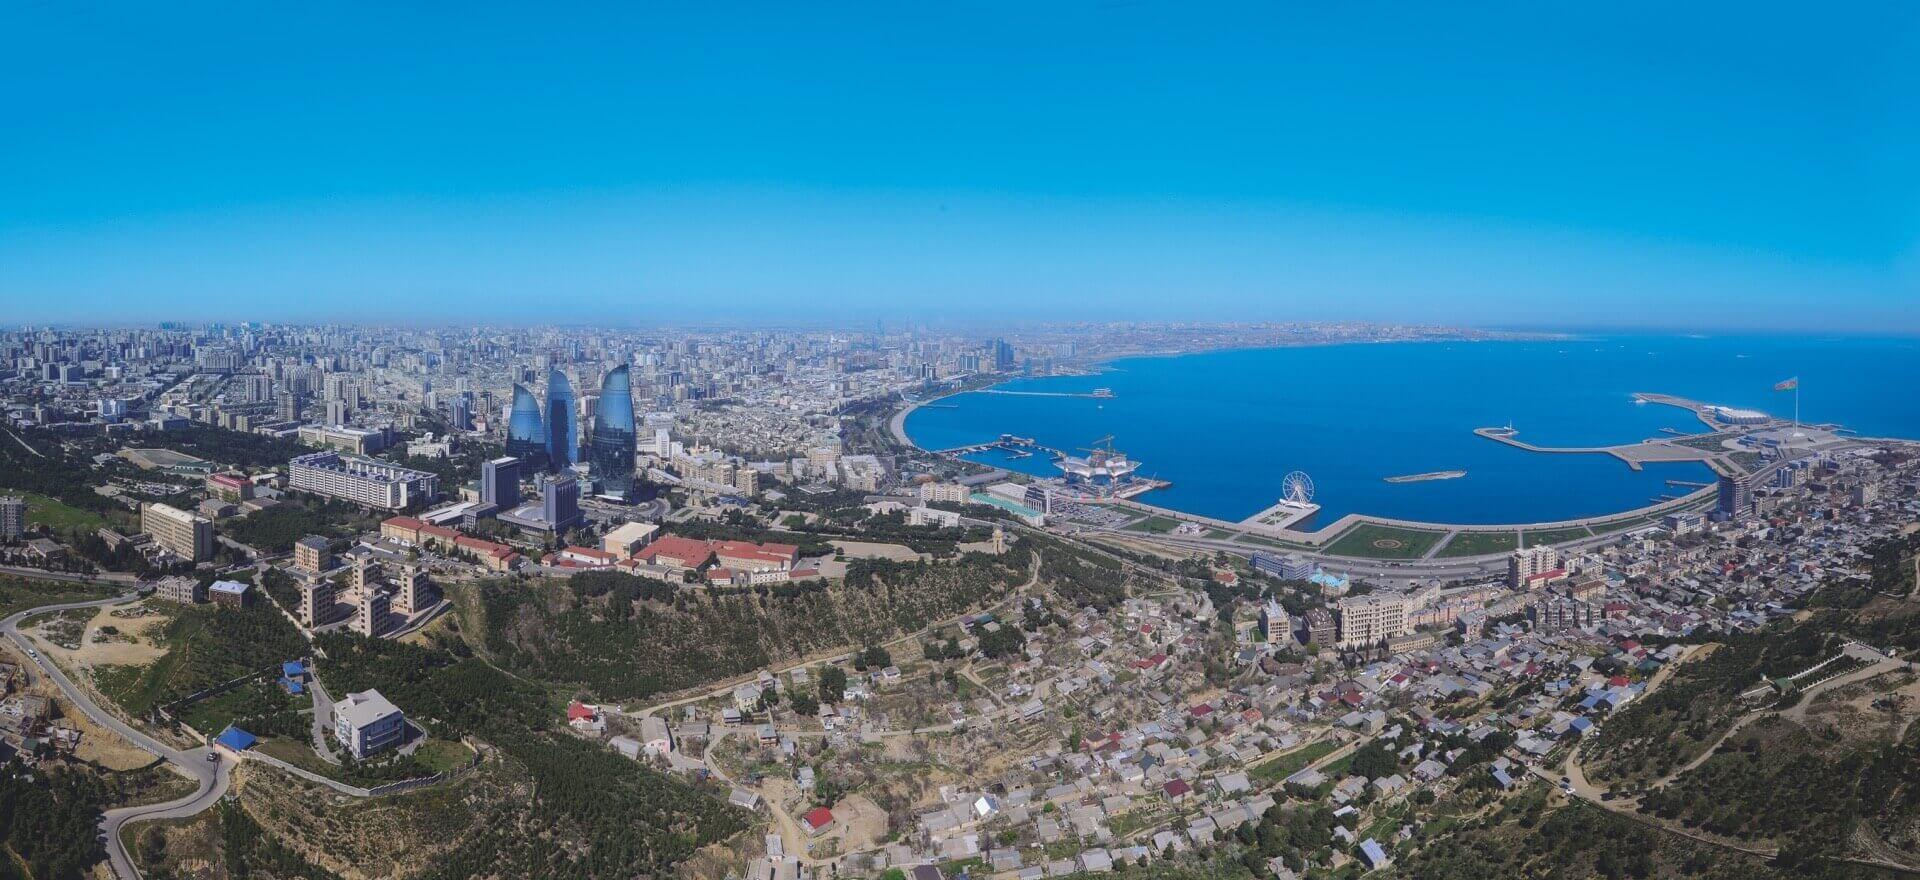 Tbilisi Online Zoznamkazapaľovače Zoznamka Južná Afrika